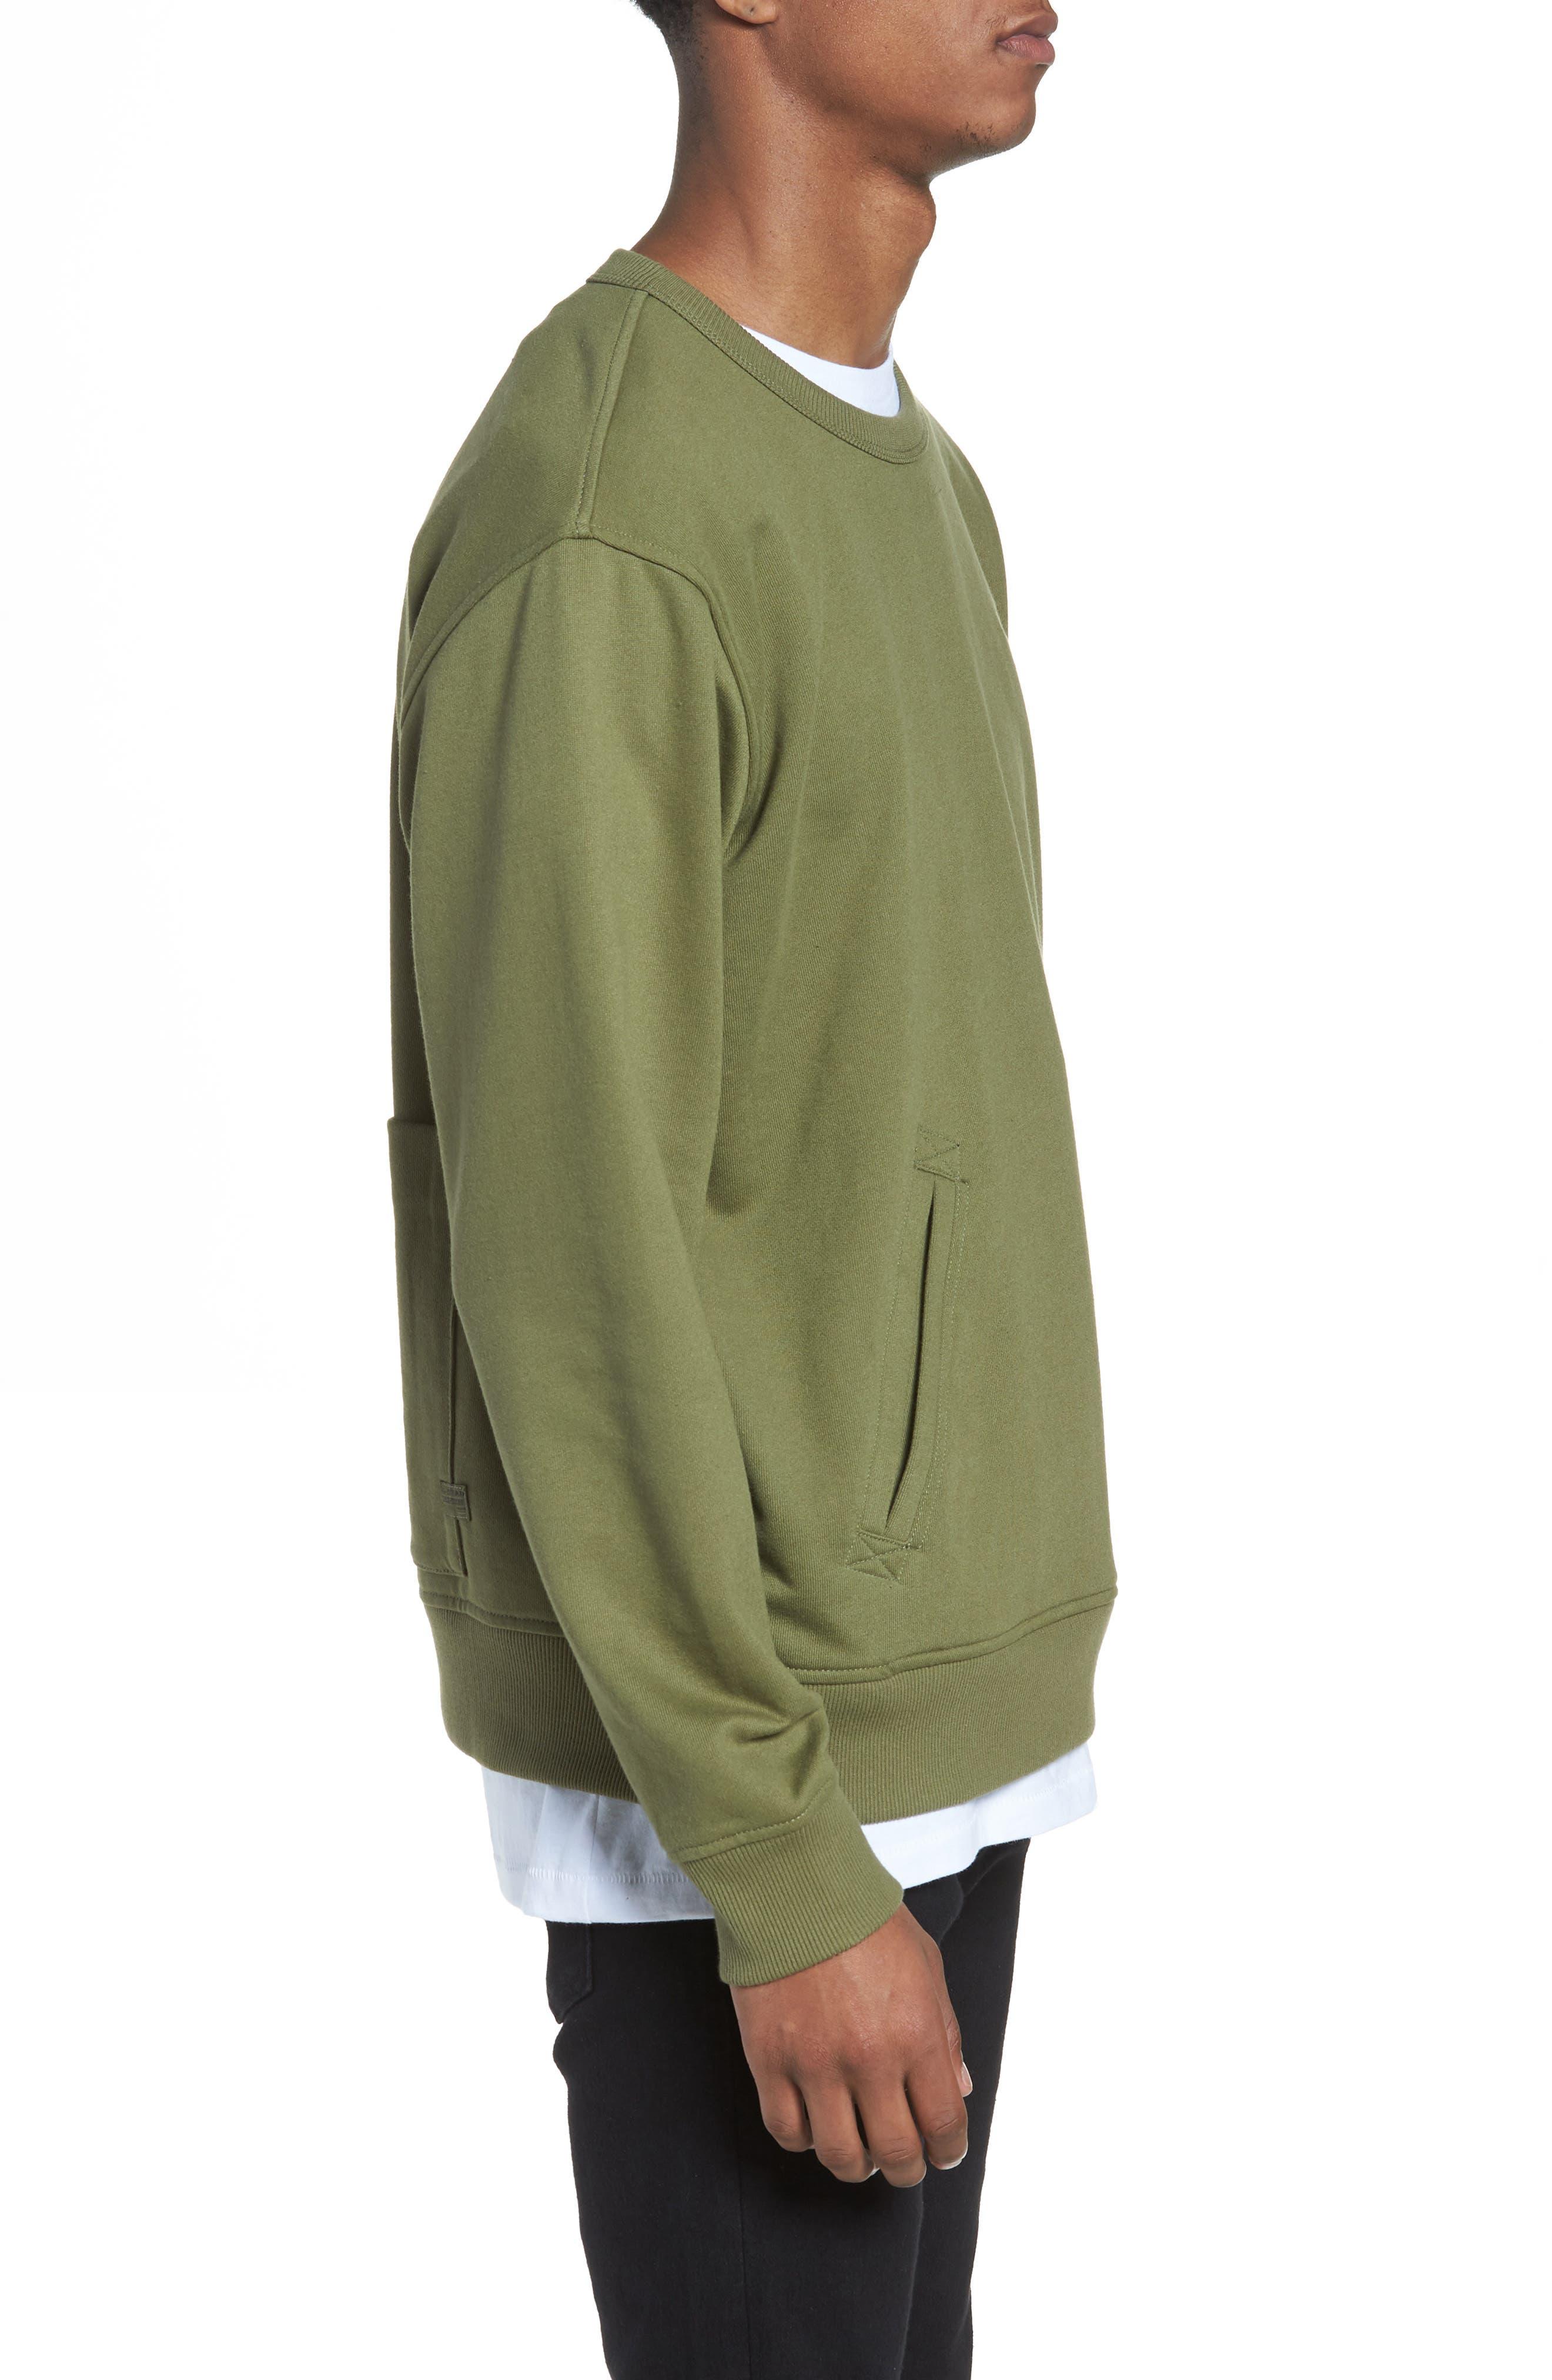 Core Hybrid Archive Sweatshirt,                             Alternate thumbnail 3, color,                             Sage